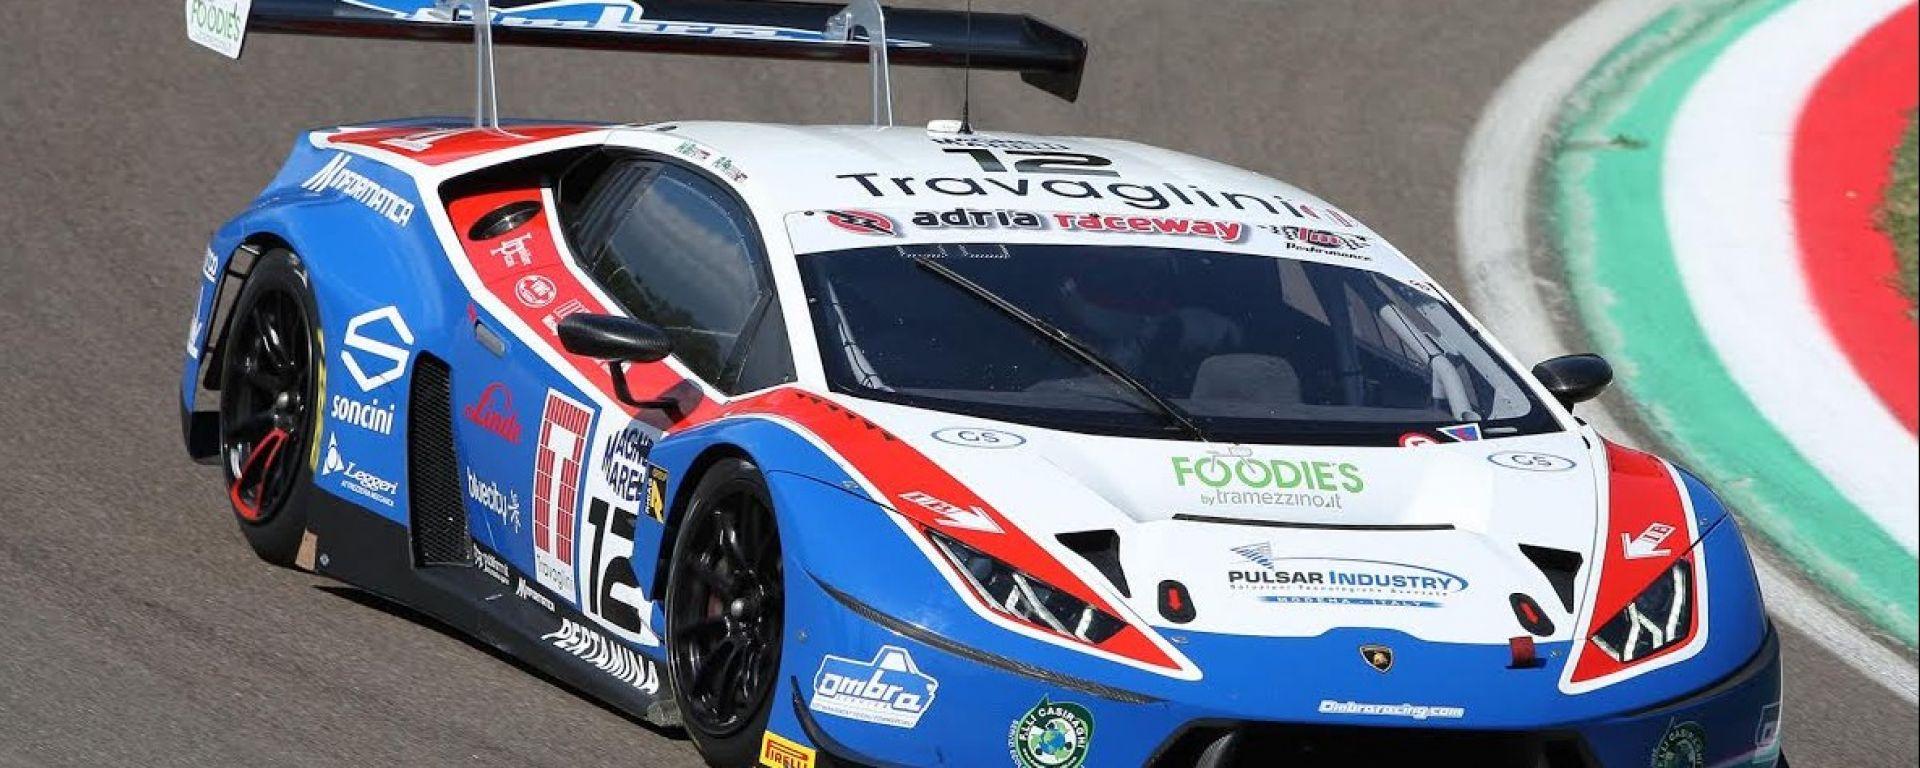 Campionato Italiano Gran Turismo - Lamborghini